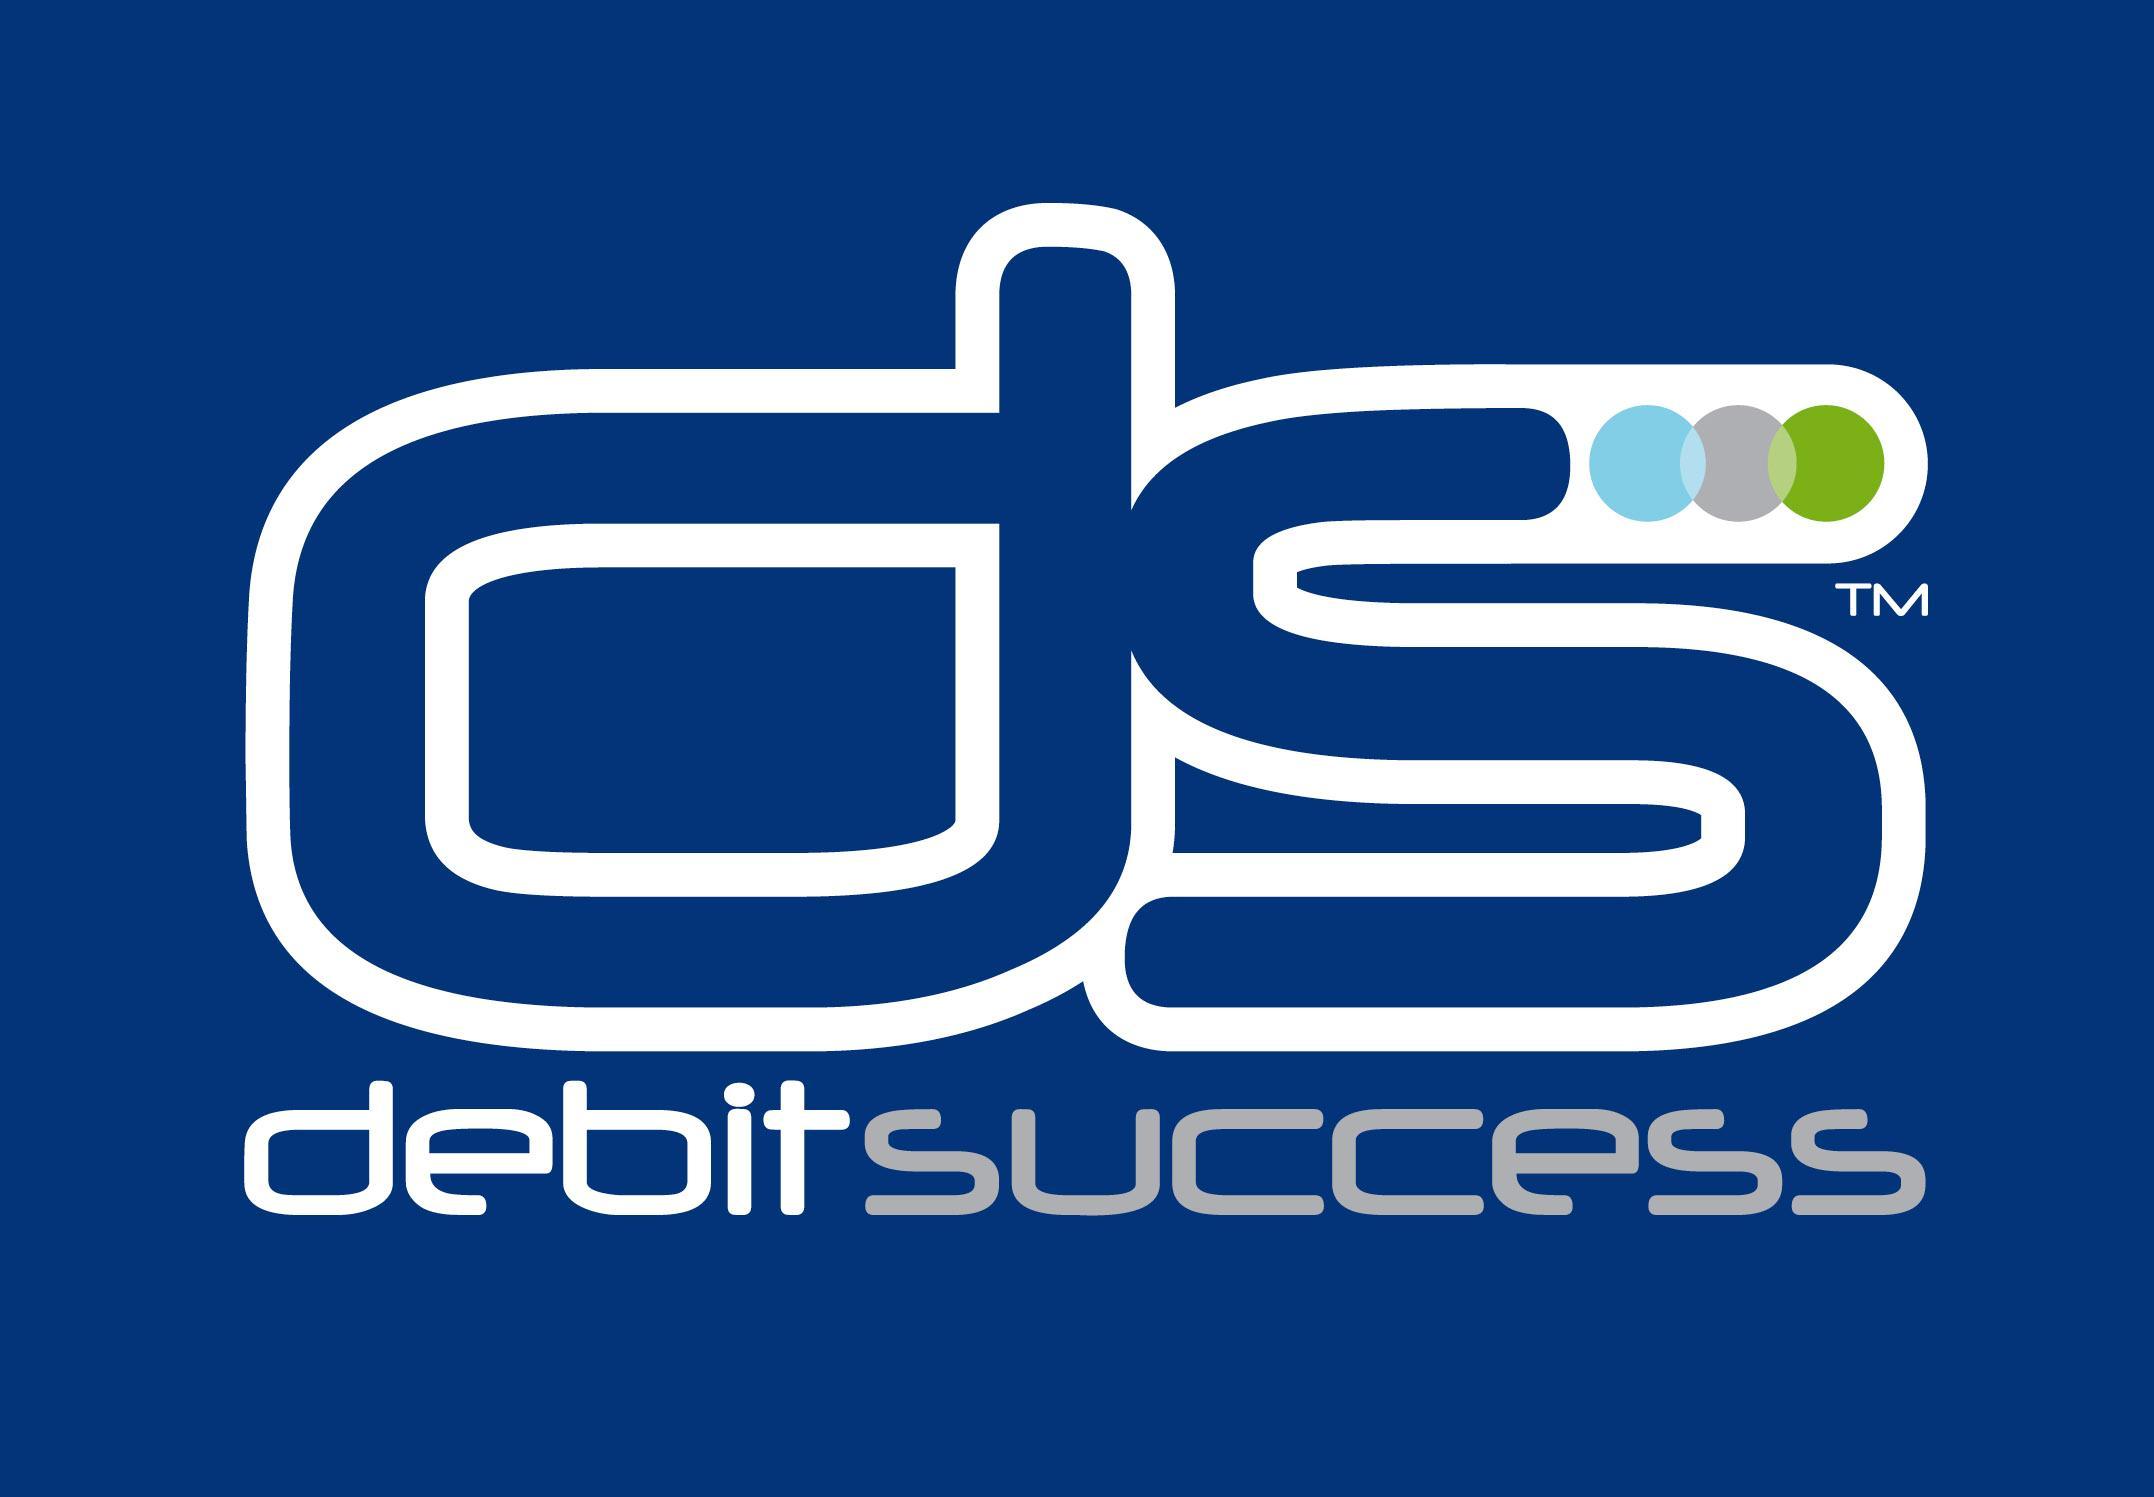 Debitsuccess Logo - Blue